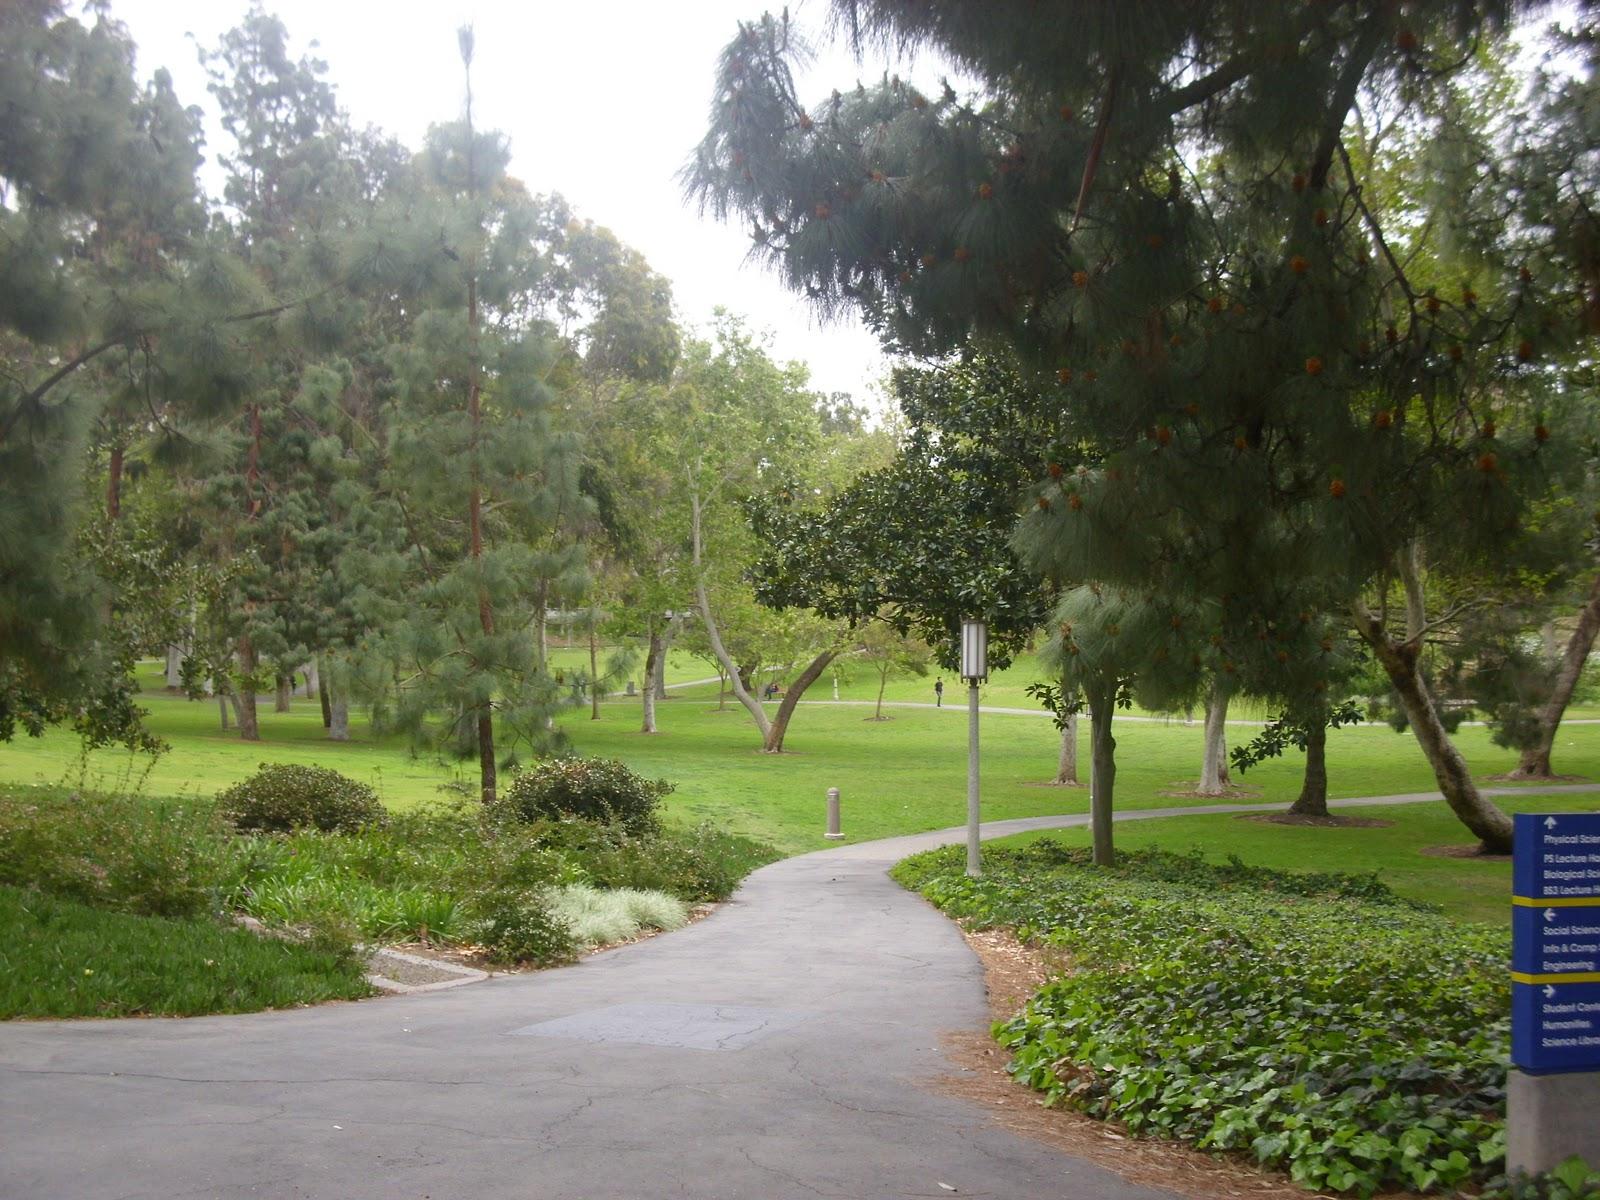 Ridge Road, North Campus